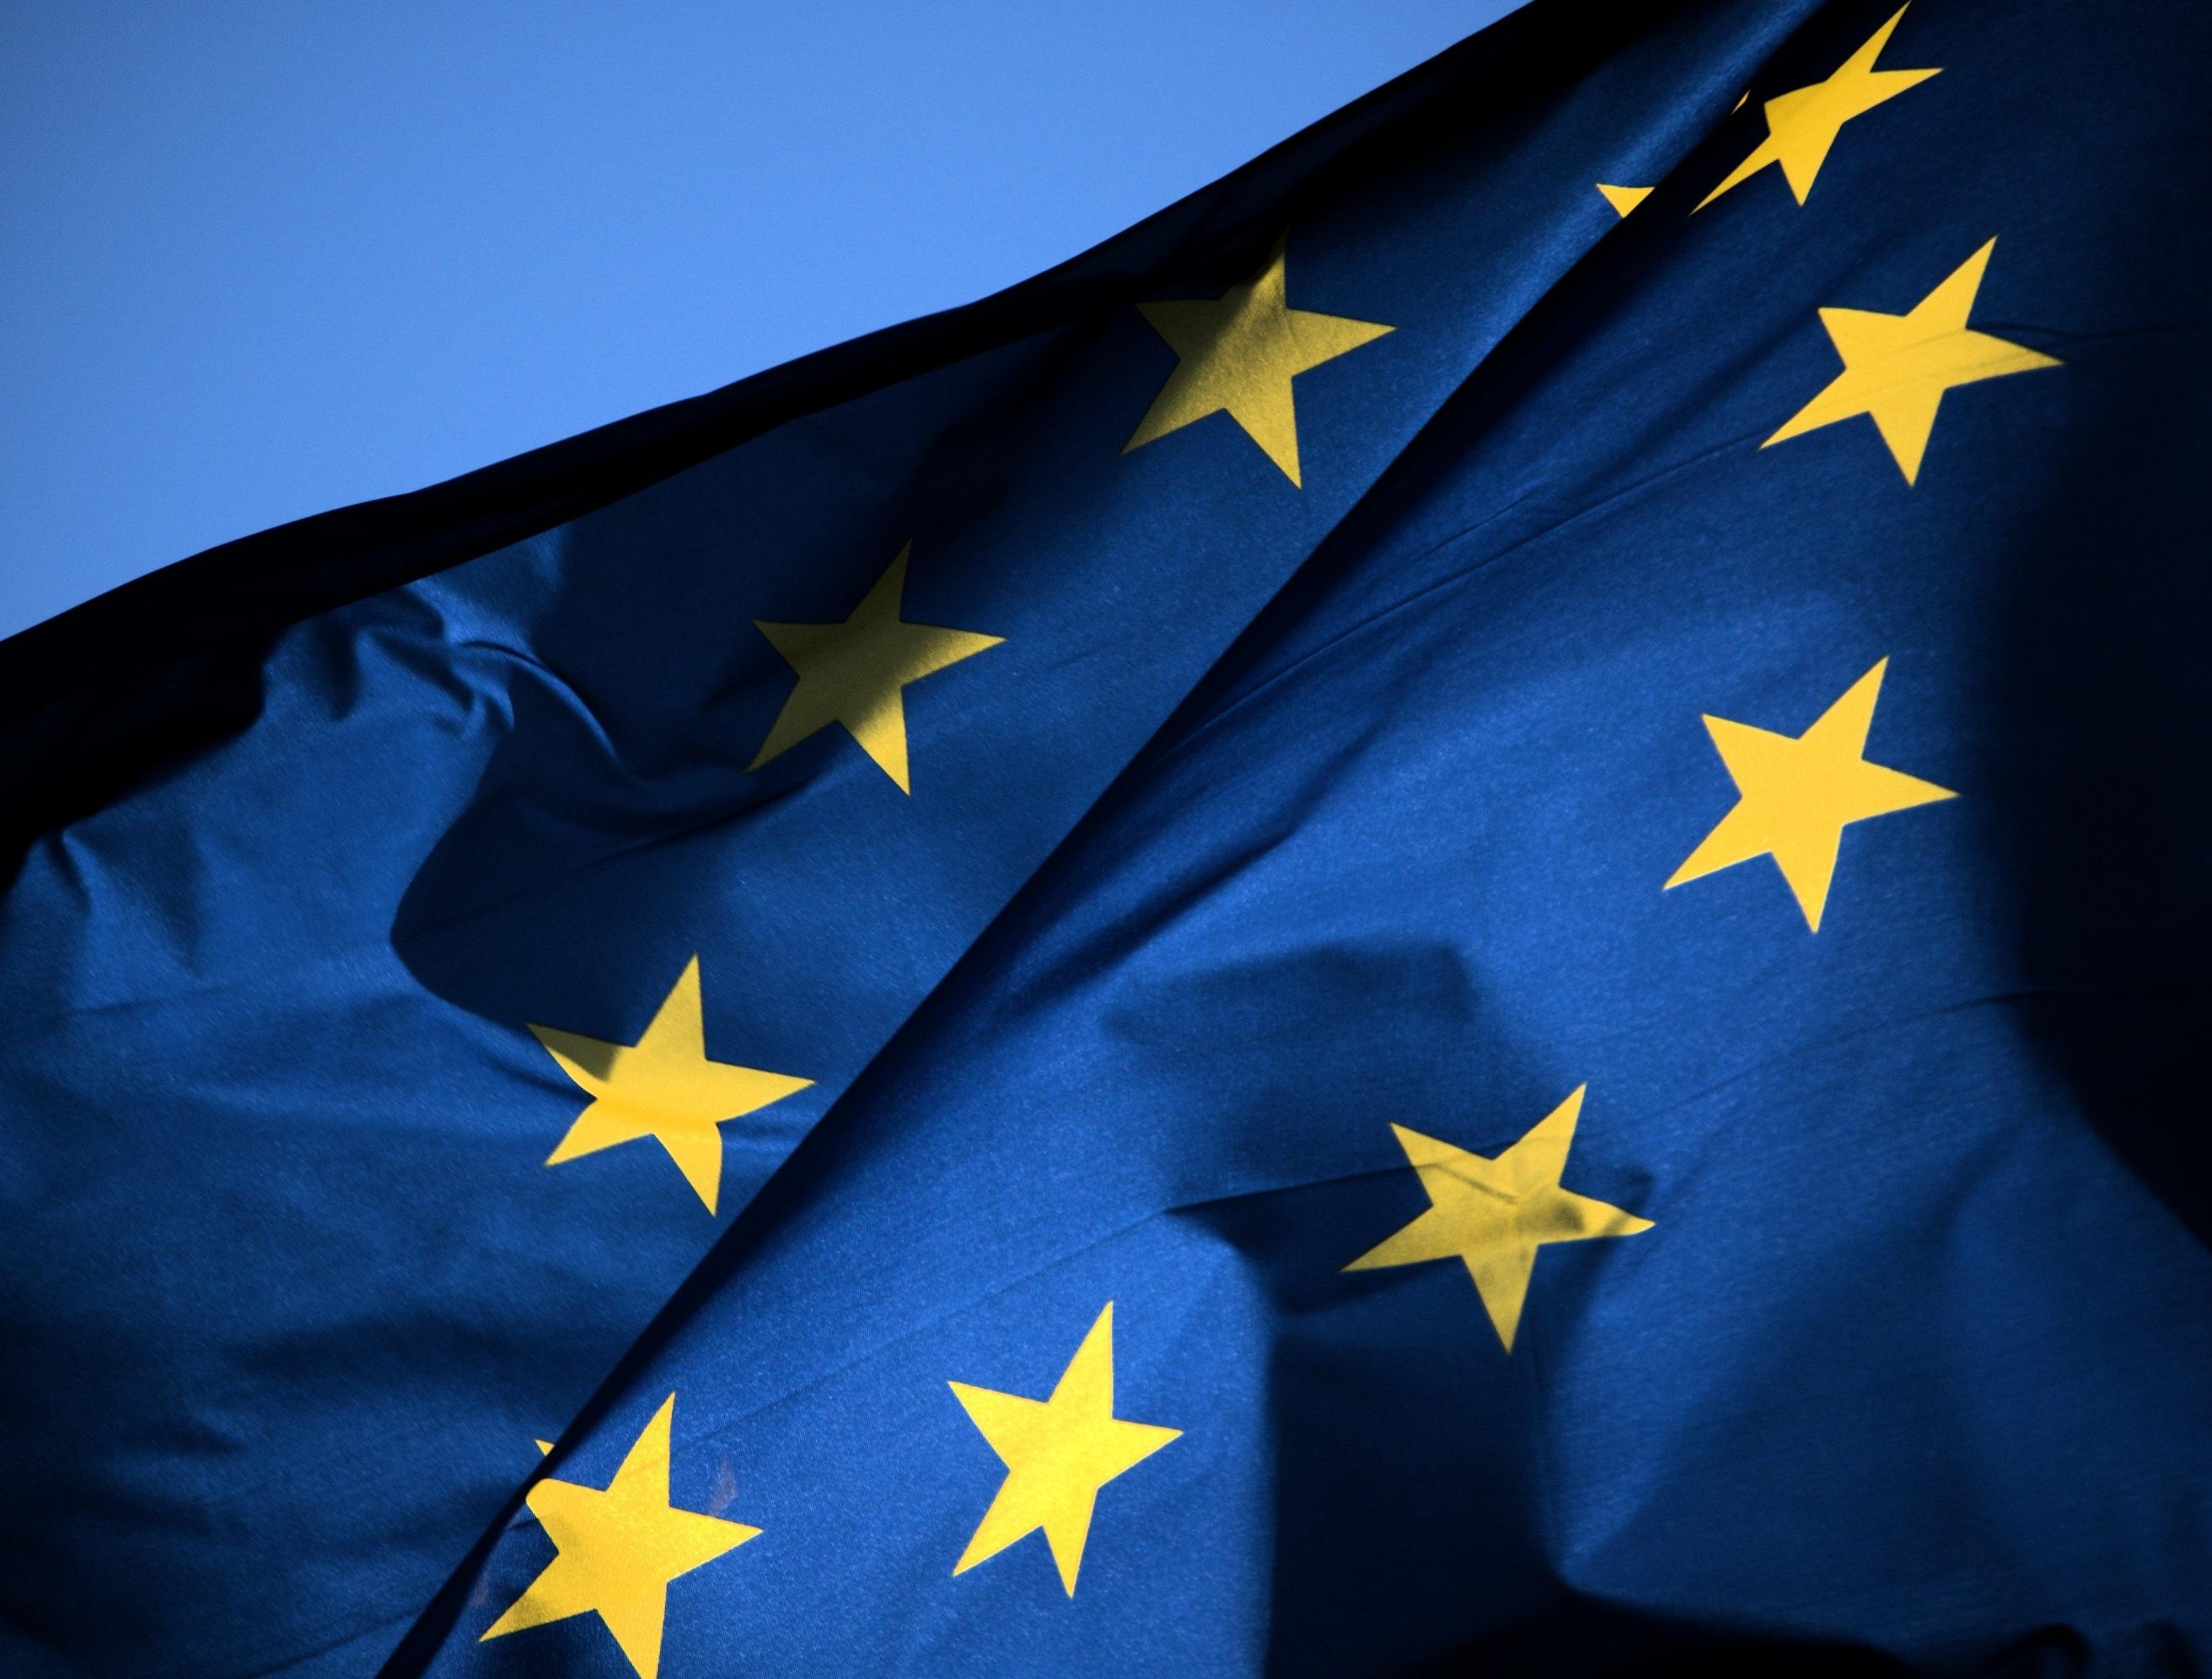 Za vse ponudnike telekomunikacijskih storitev v evropskem prostoru so pričela veljati strožja pravila!